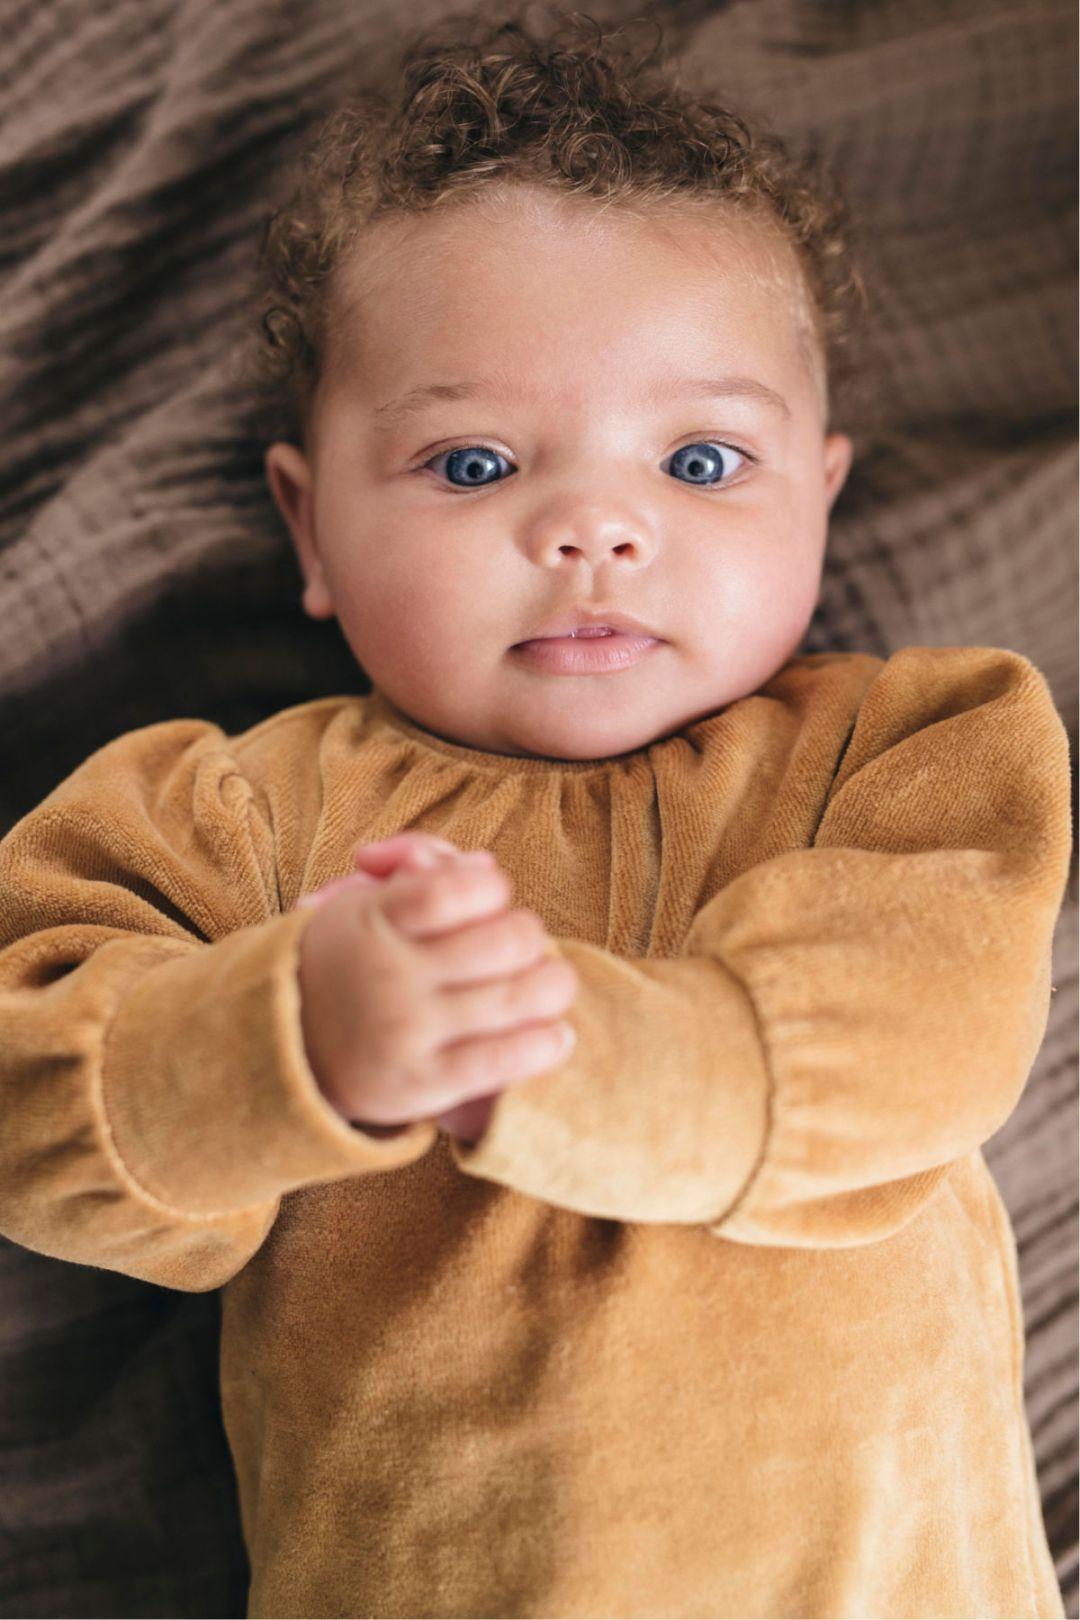 Musthaves-babykleding-2020_the-millennialmom.jpg